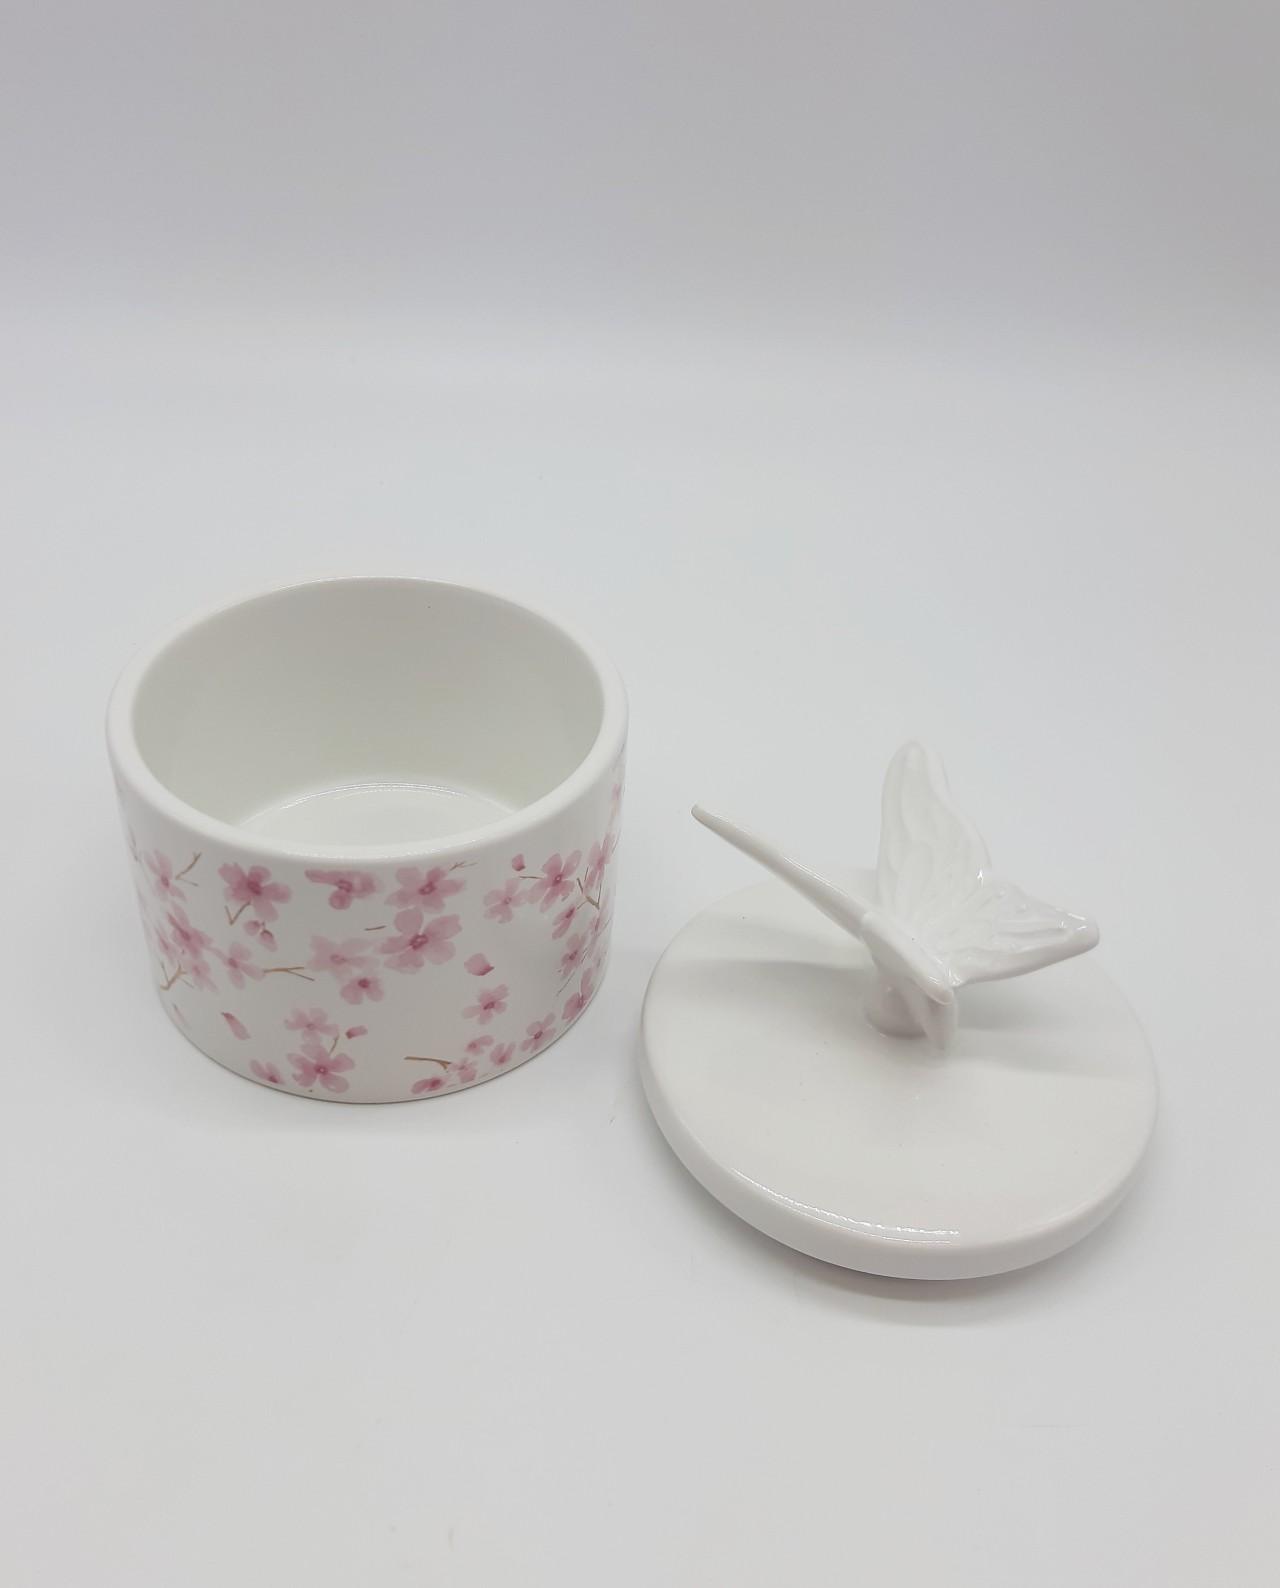 Πορσελάνινη θήκη κοσμημάτων με καπάκι με πουλί. Διαστάσεις: ύψος 13 cm, διάμετρος 11 cm